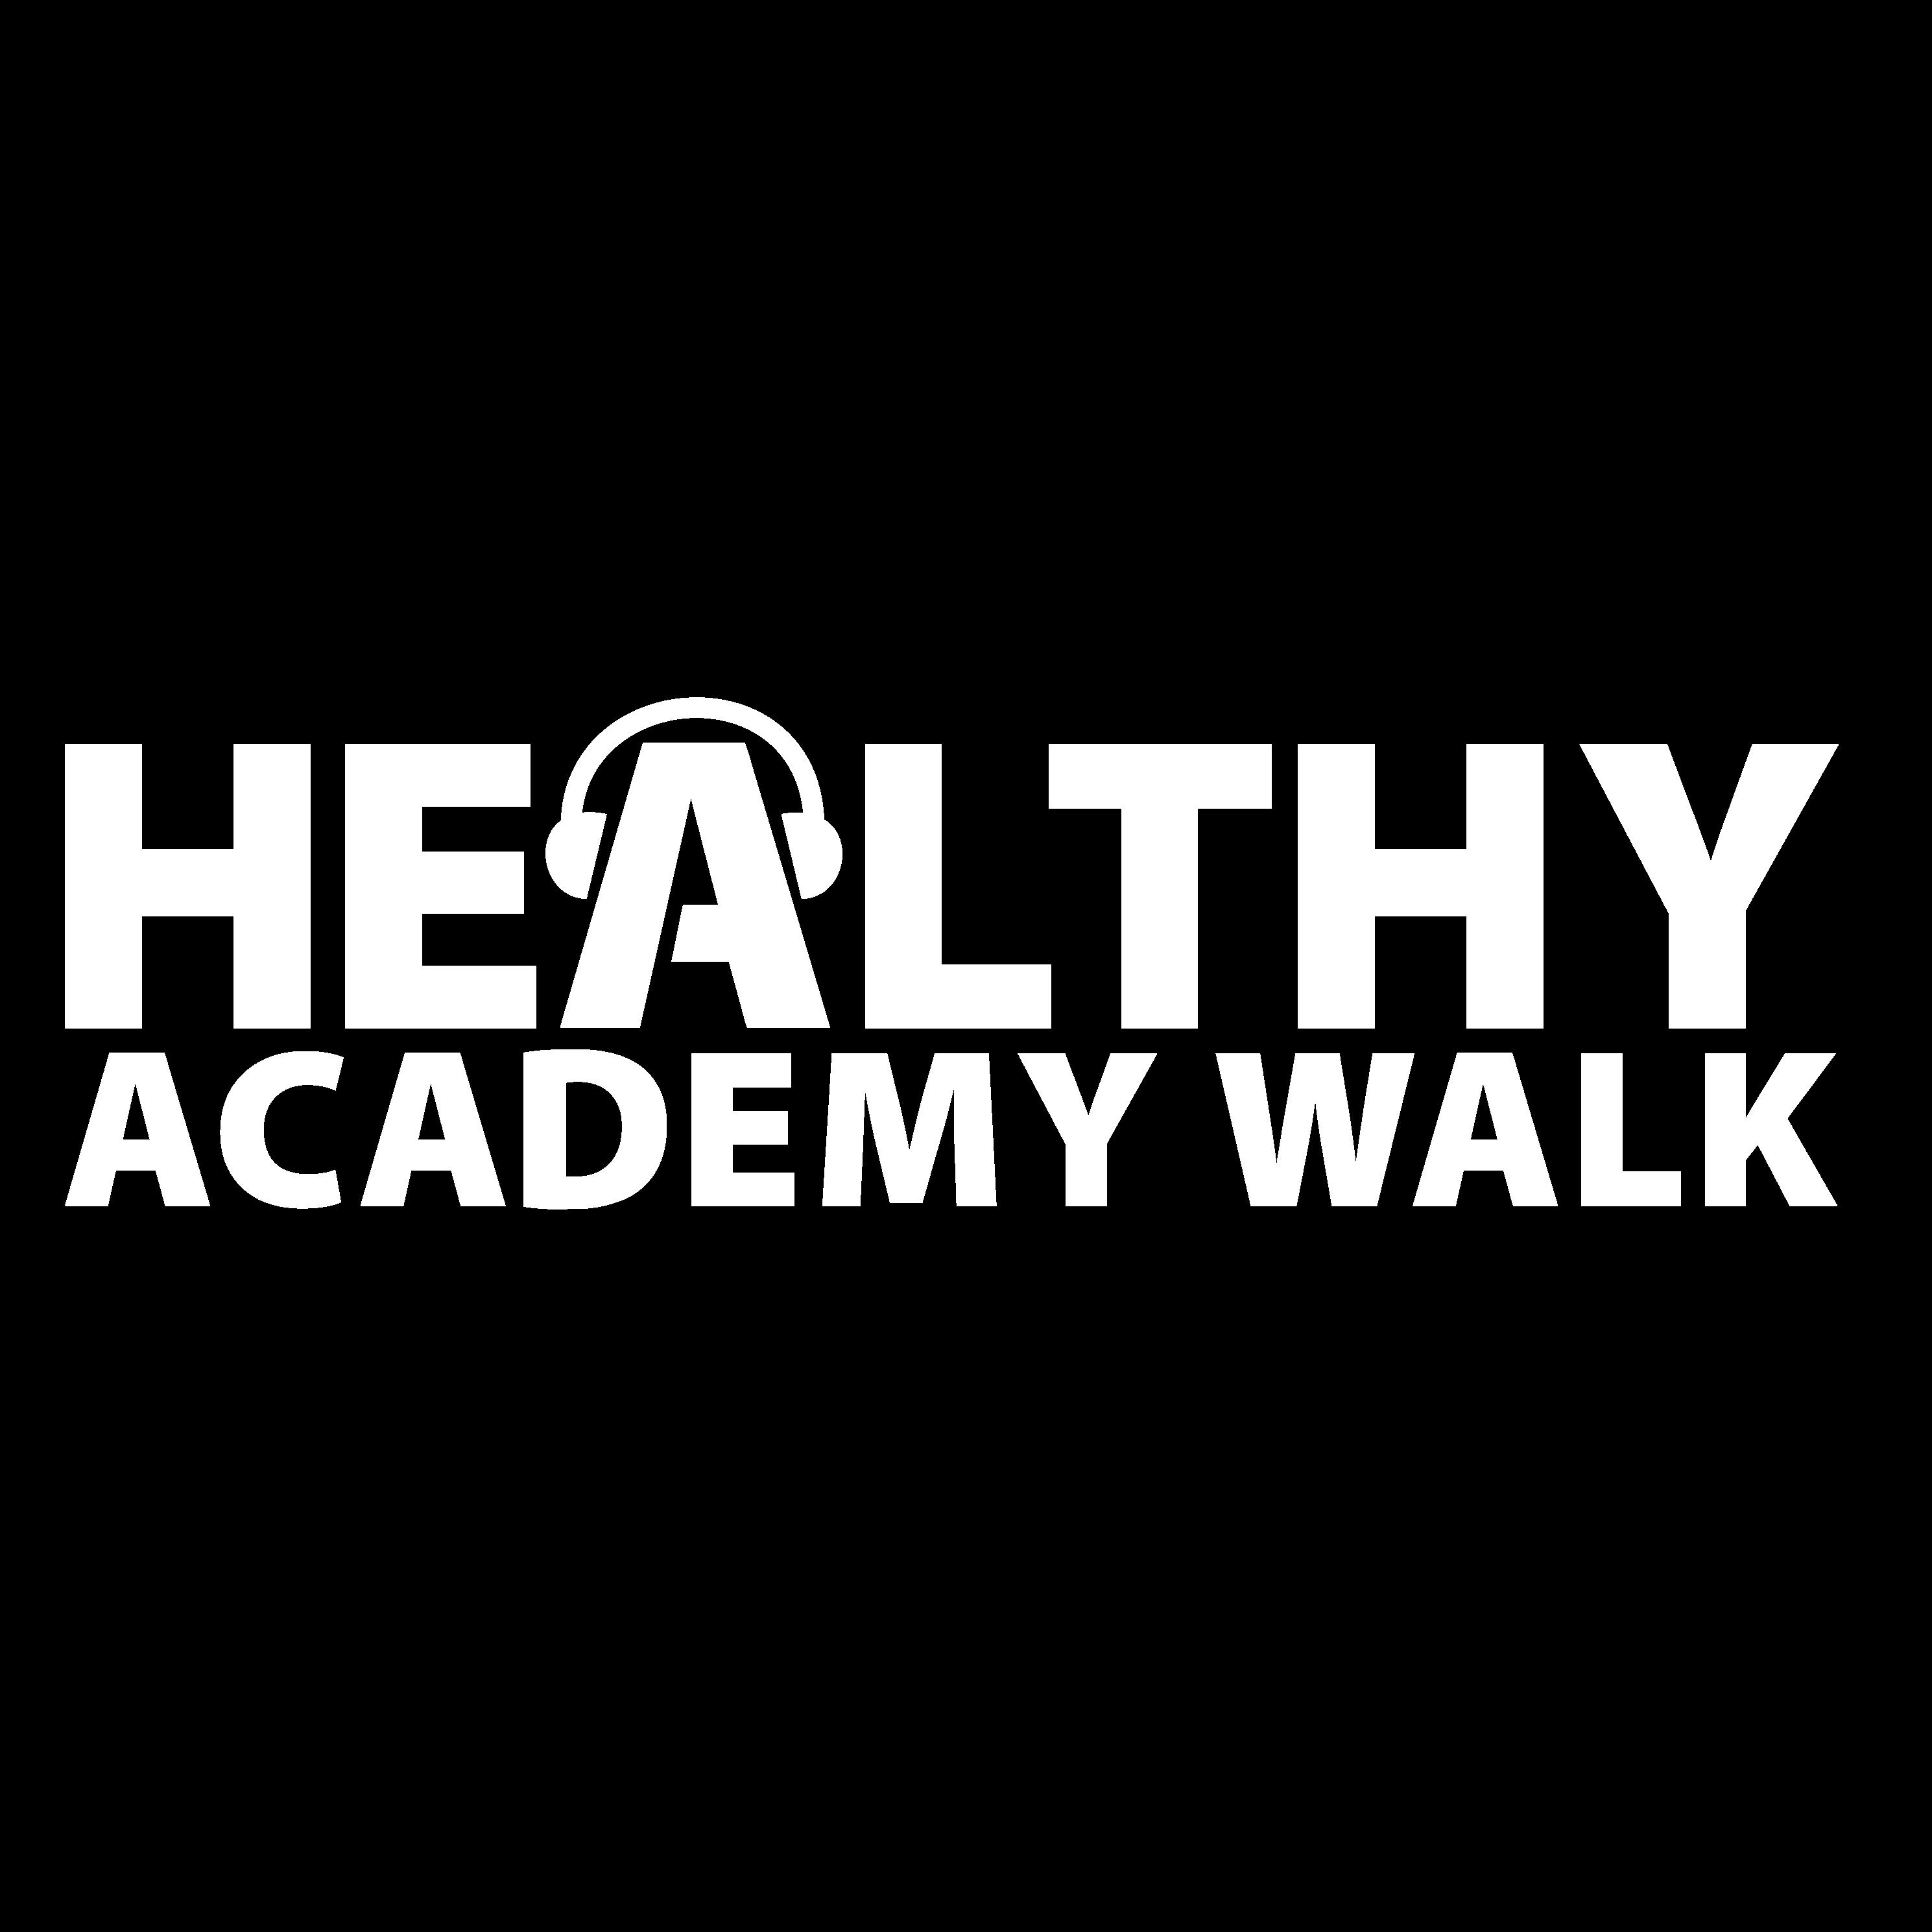 Healthy Academic Walk